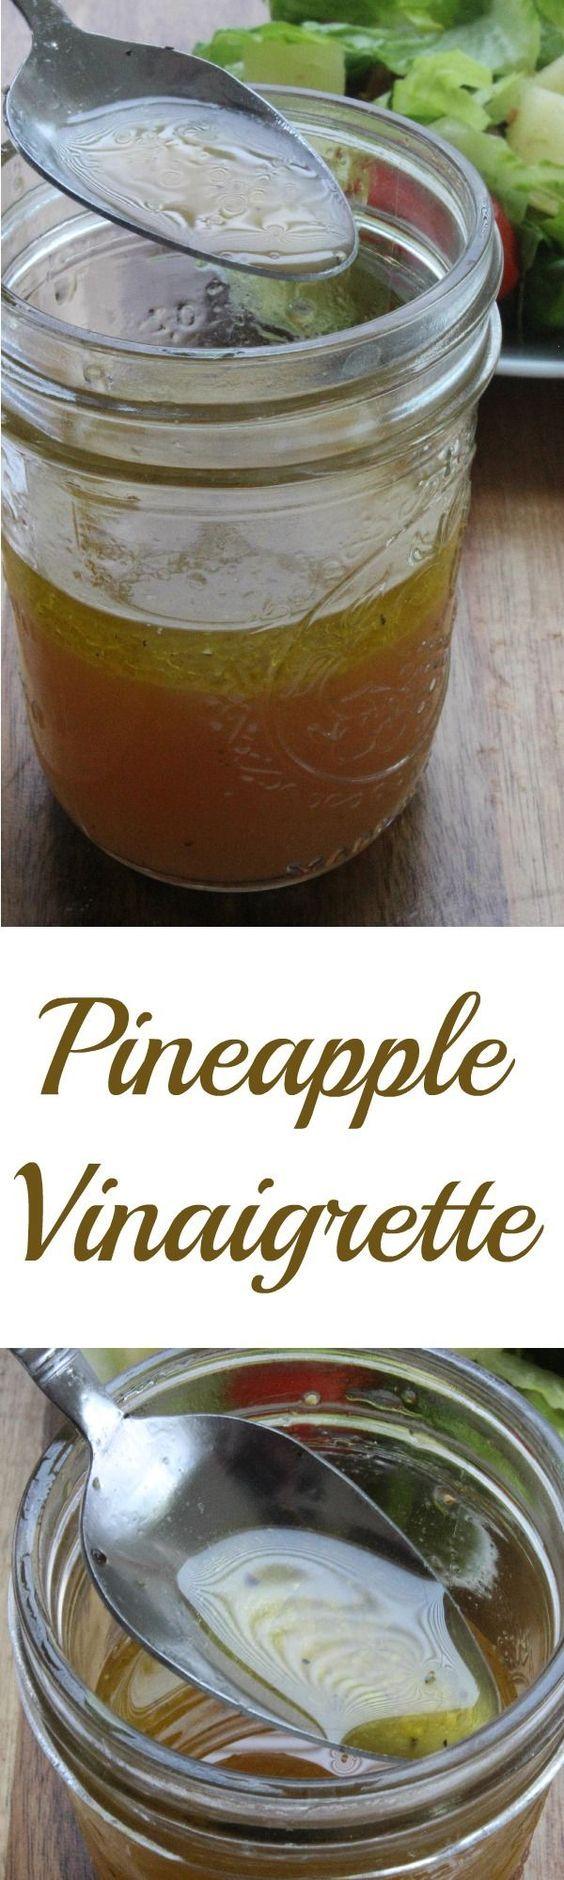 Pineapple Vinaigrette